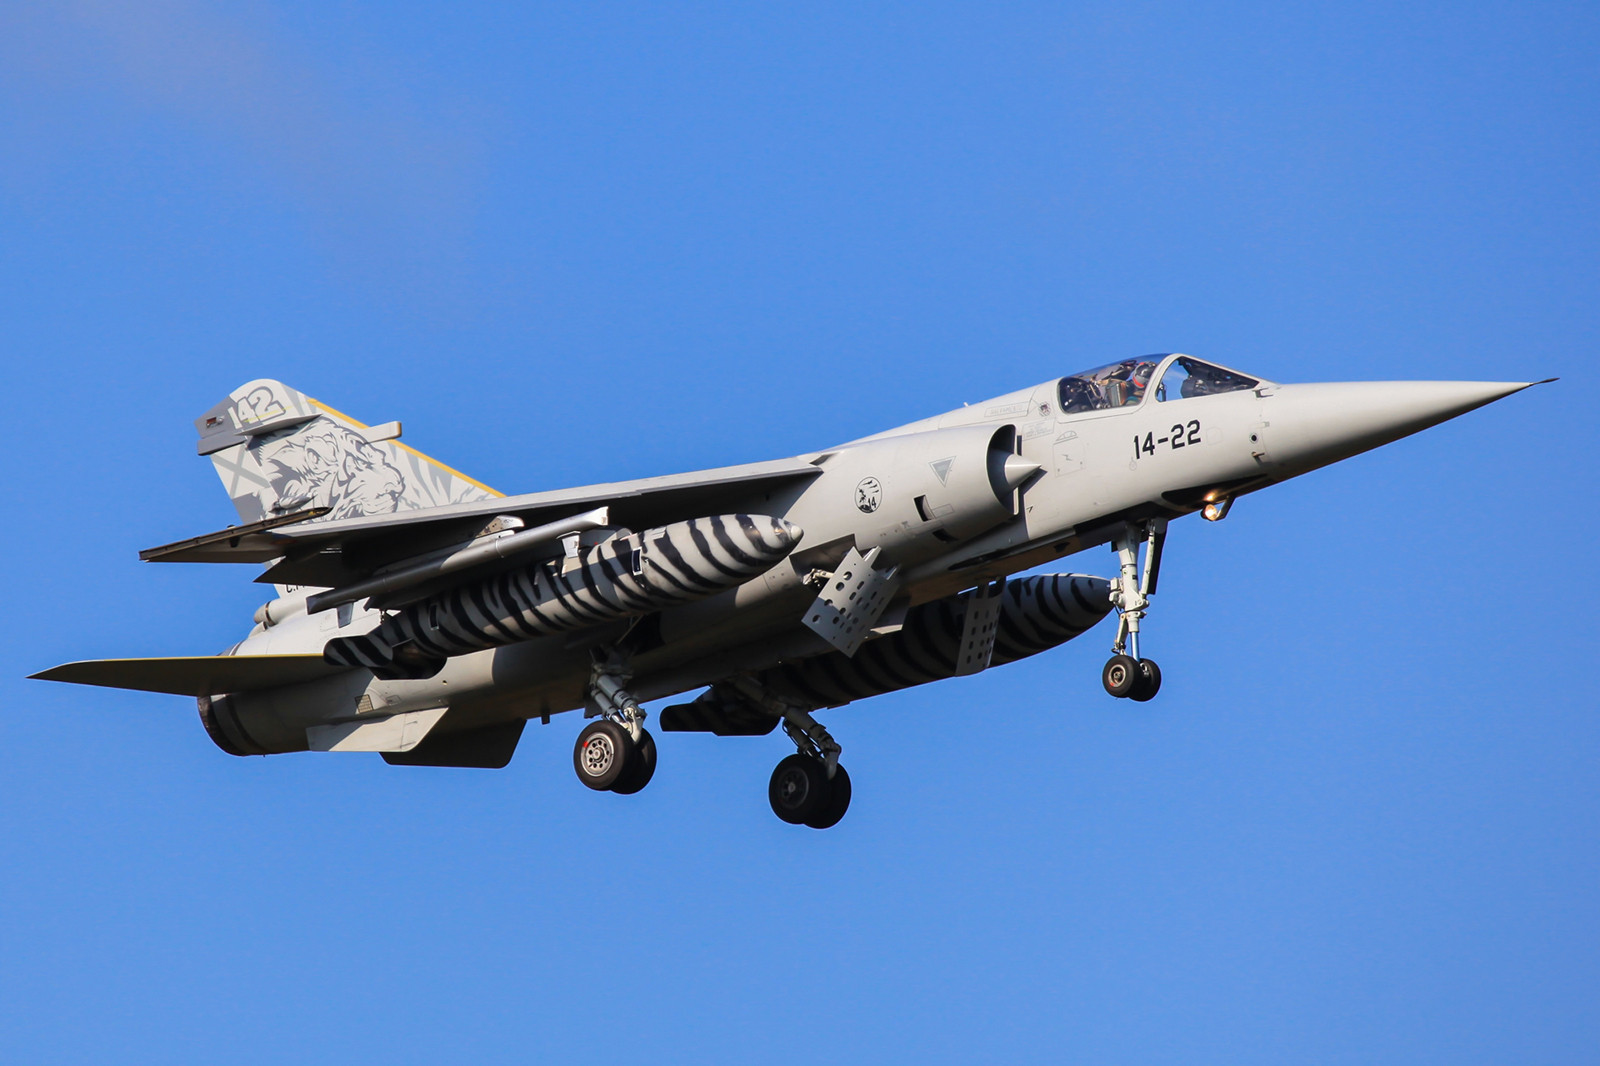 Die C.14-41 bei der Landing wärend des Tiger Meet 2009.